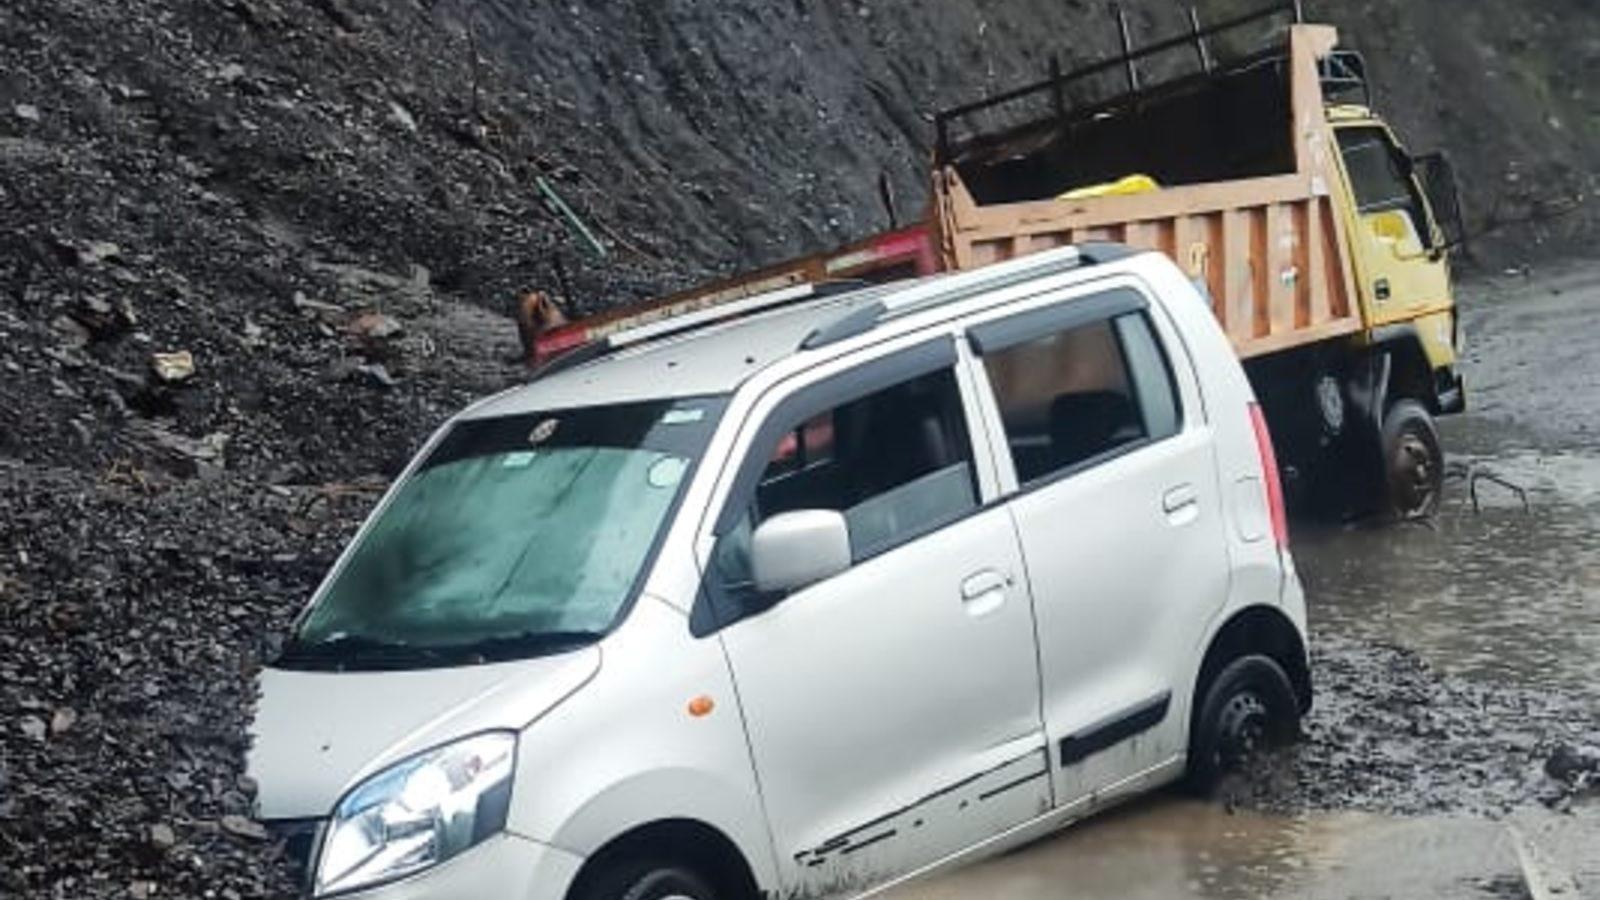 केदारनाथ में यात्रियों से खाने के लिए अधिक पैसे वसूलने वालों पर दर्ज करें केसः समपाल महाराज